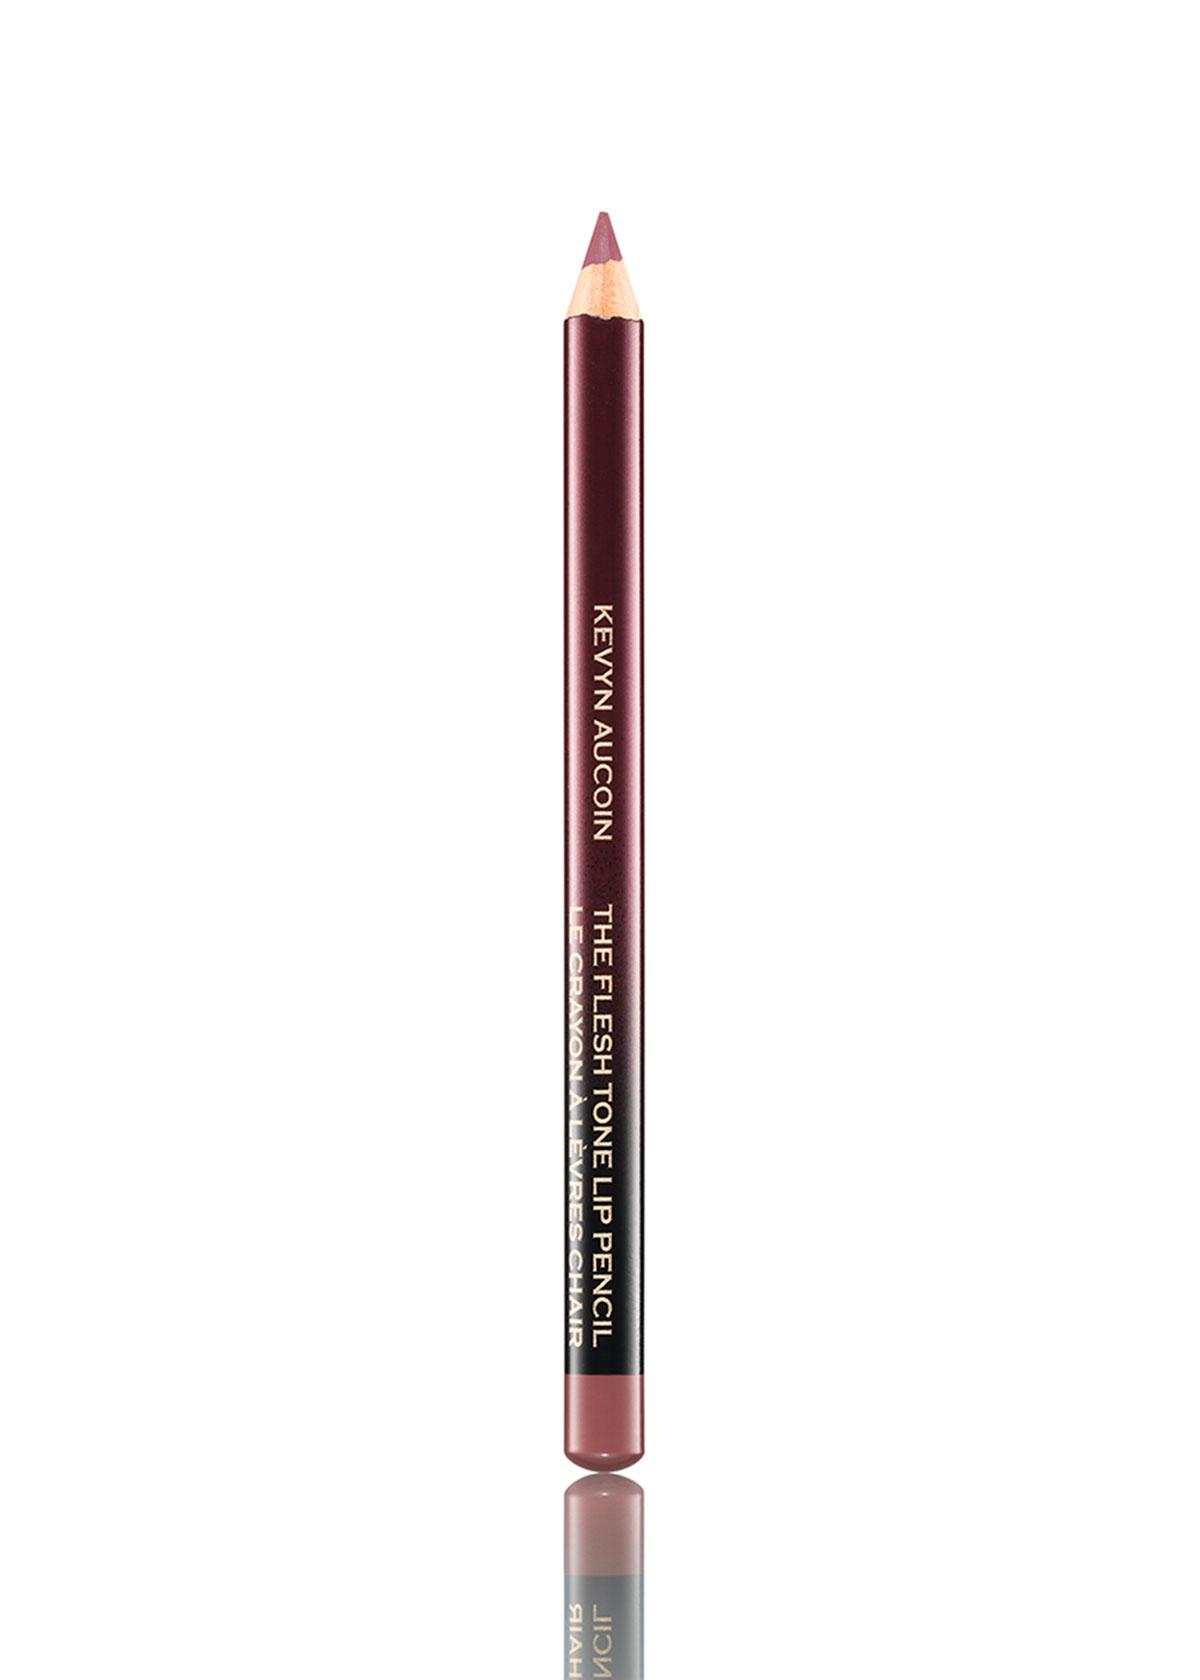 Kevyn Aucoin The Flesh Tone Lip Pencil, Medium